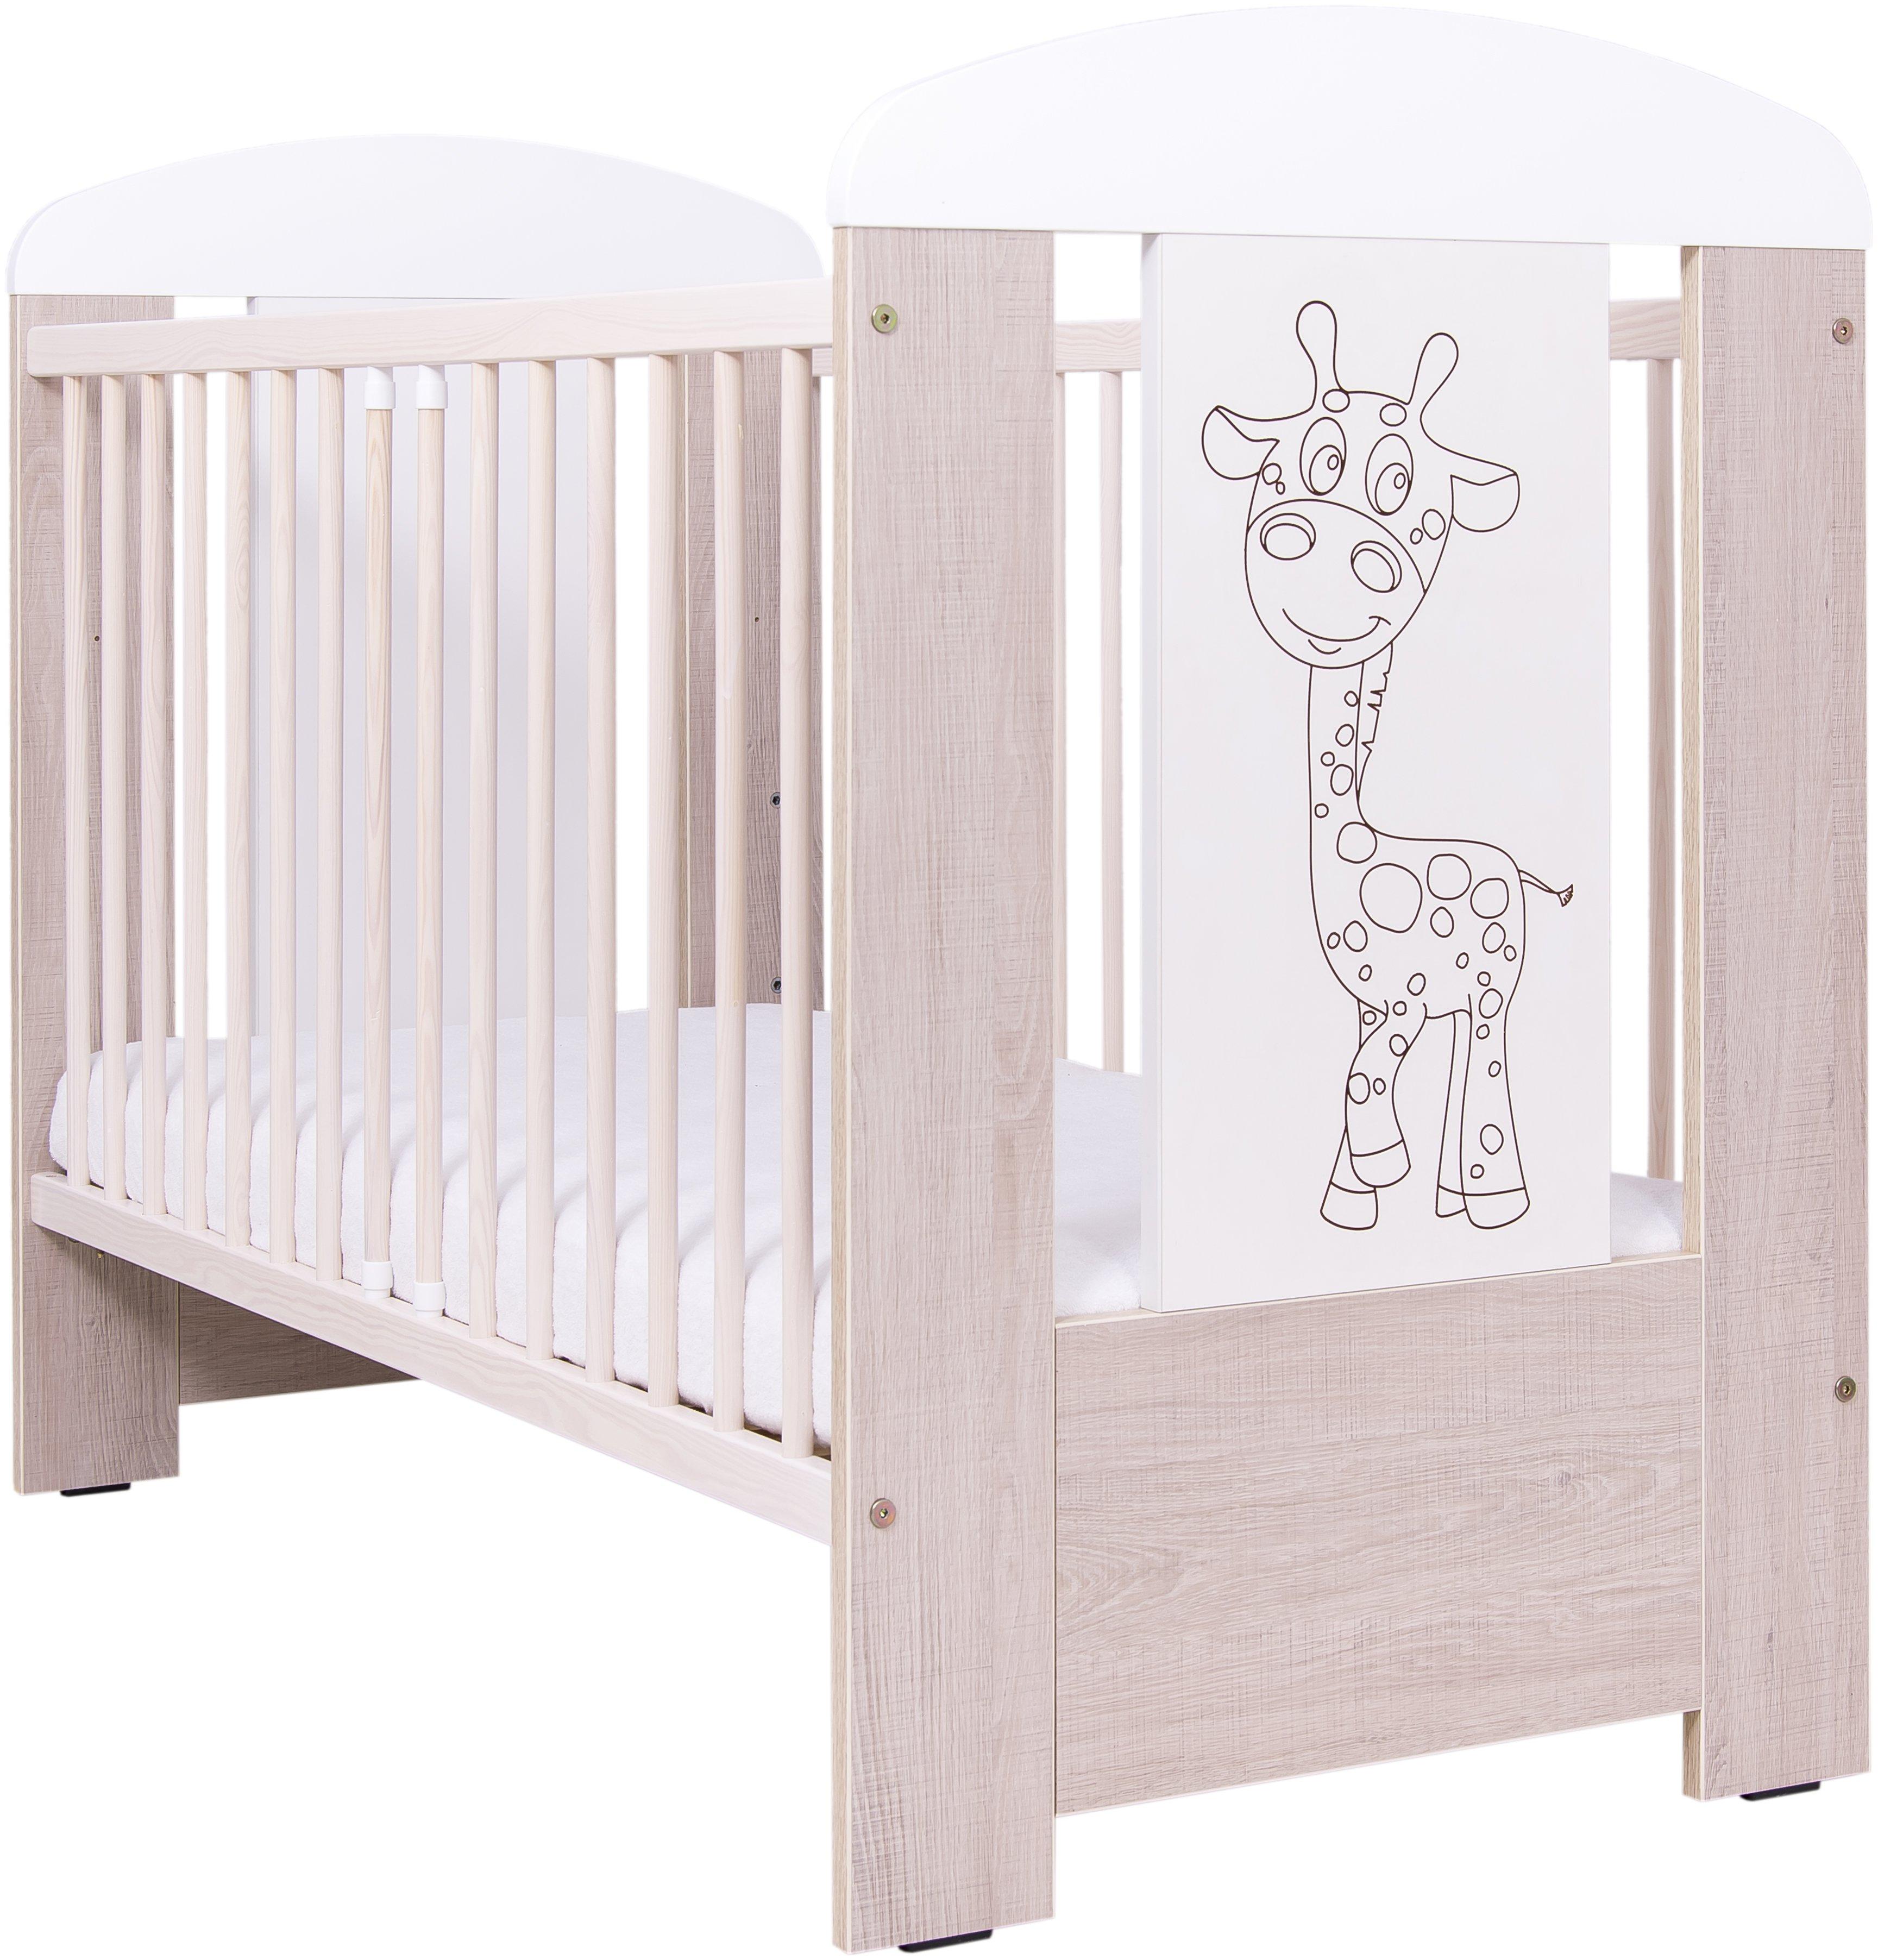 Bērnu gultiņa Drewex GIRAFFE (Žyrafka) oak santana